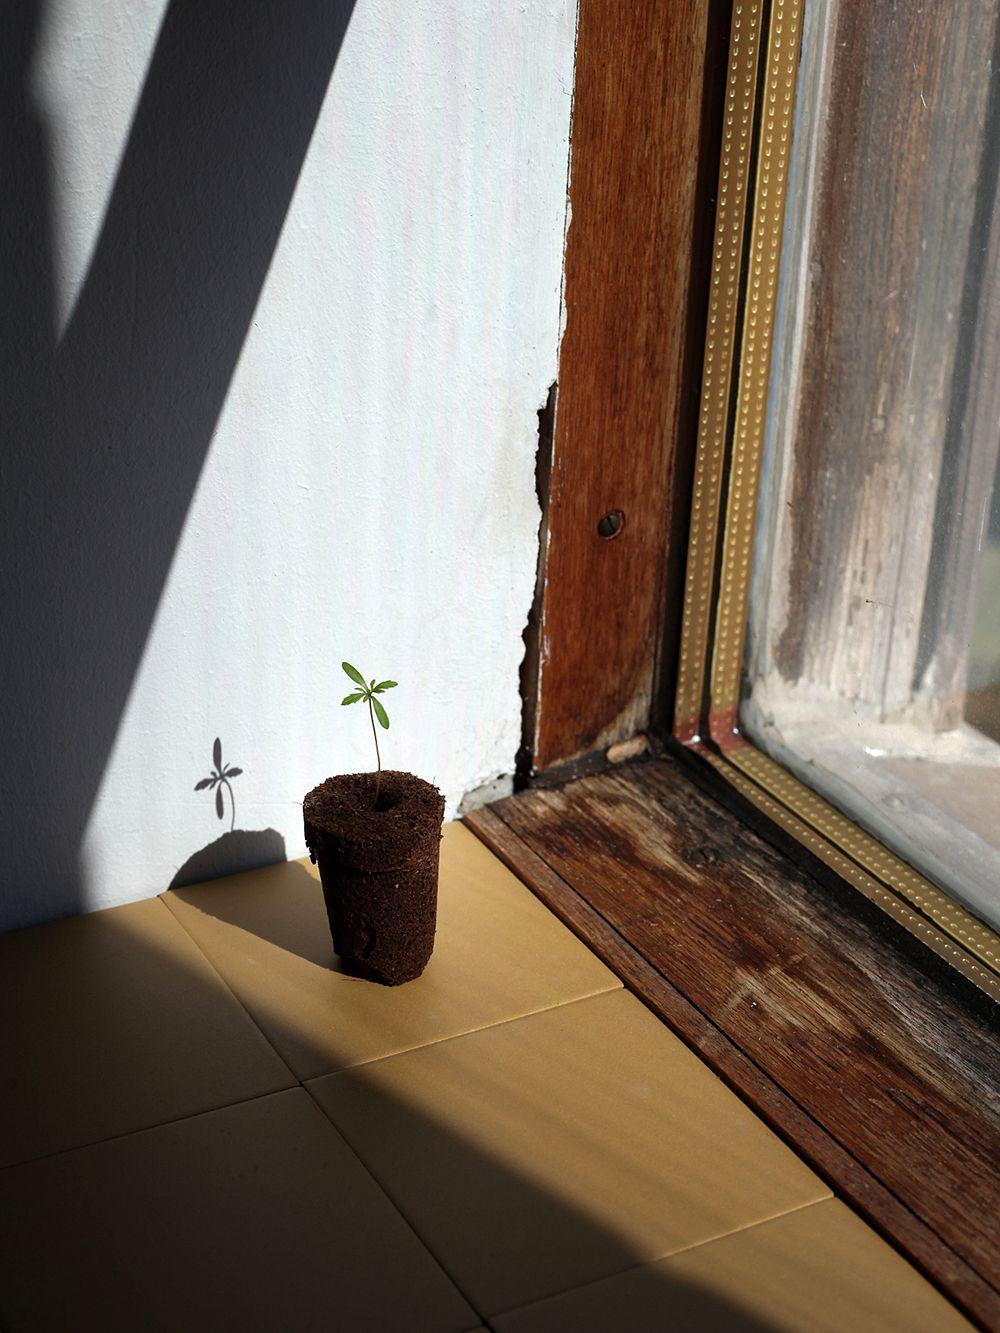 Pieni taimi ja multaa ikkunan äärellä